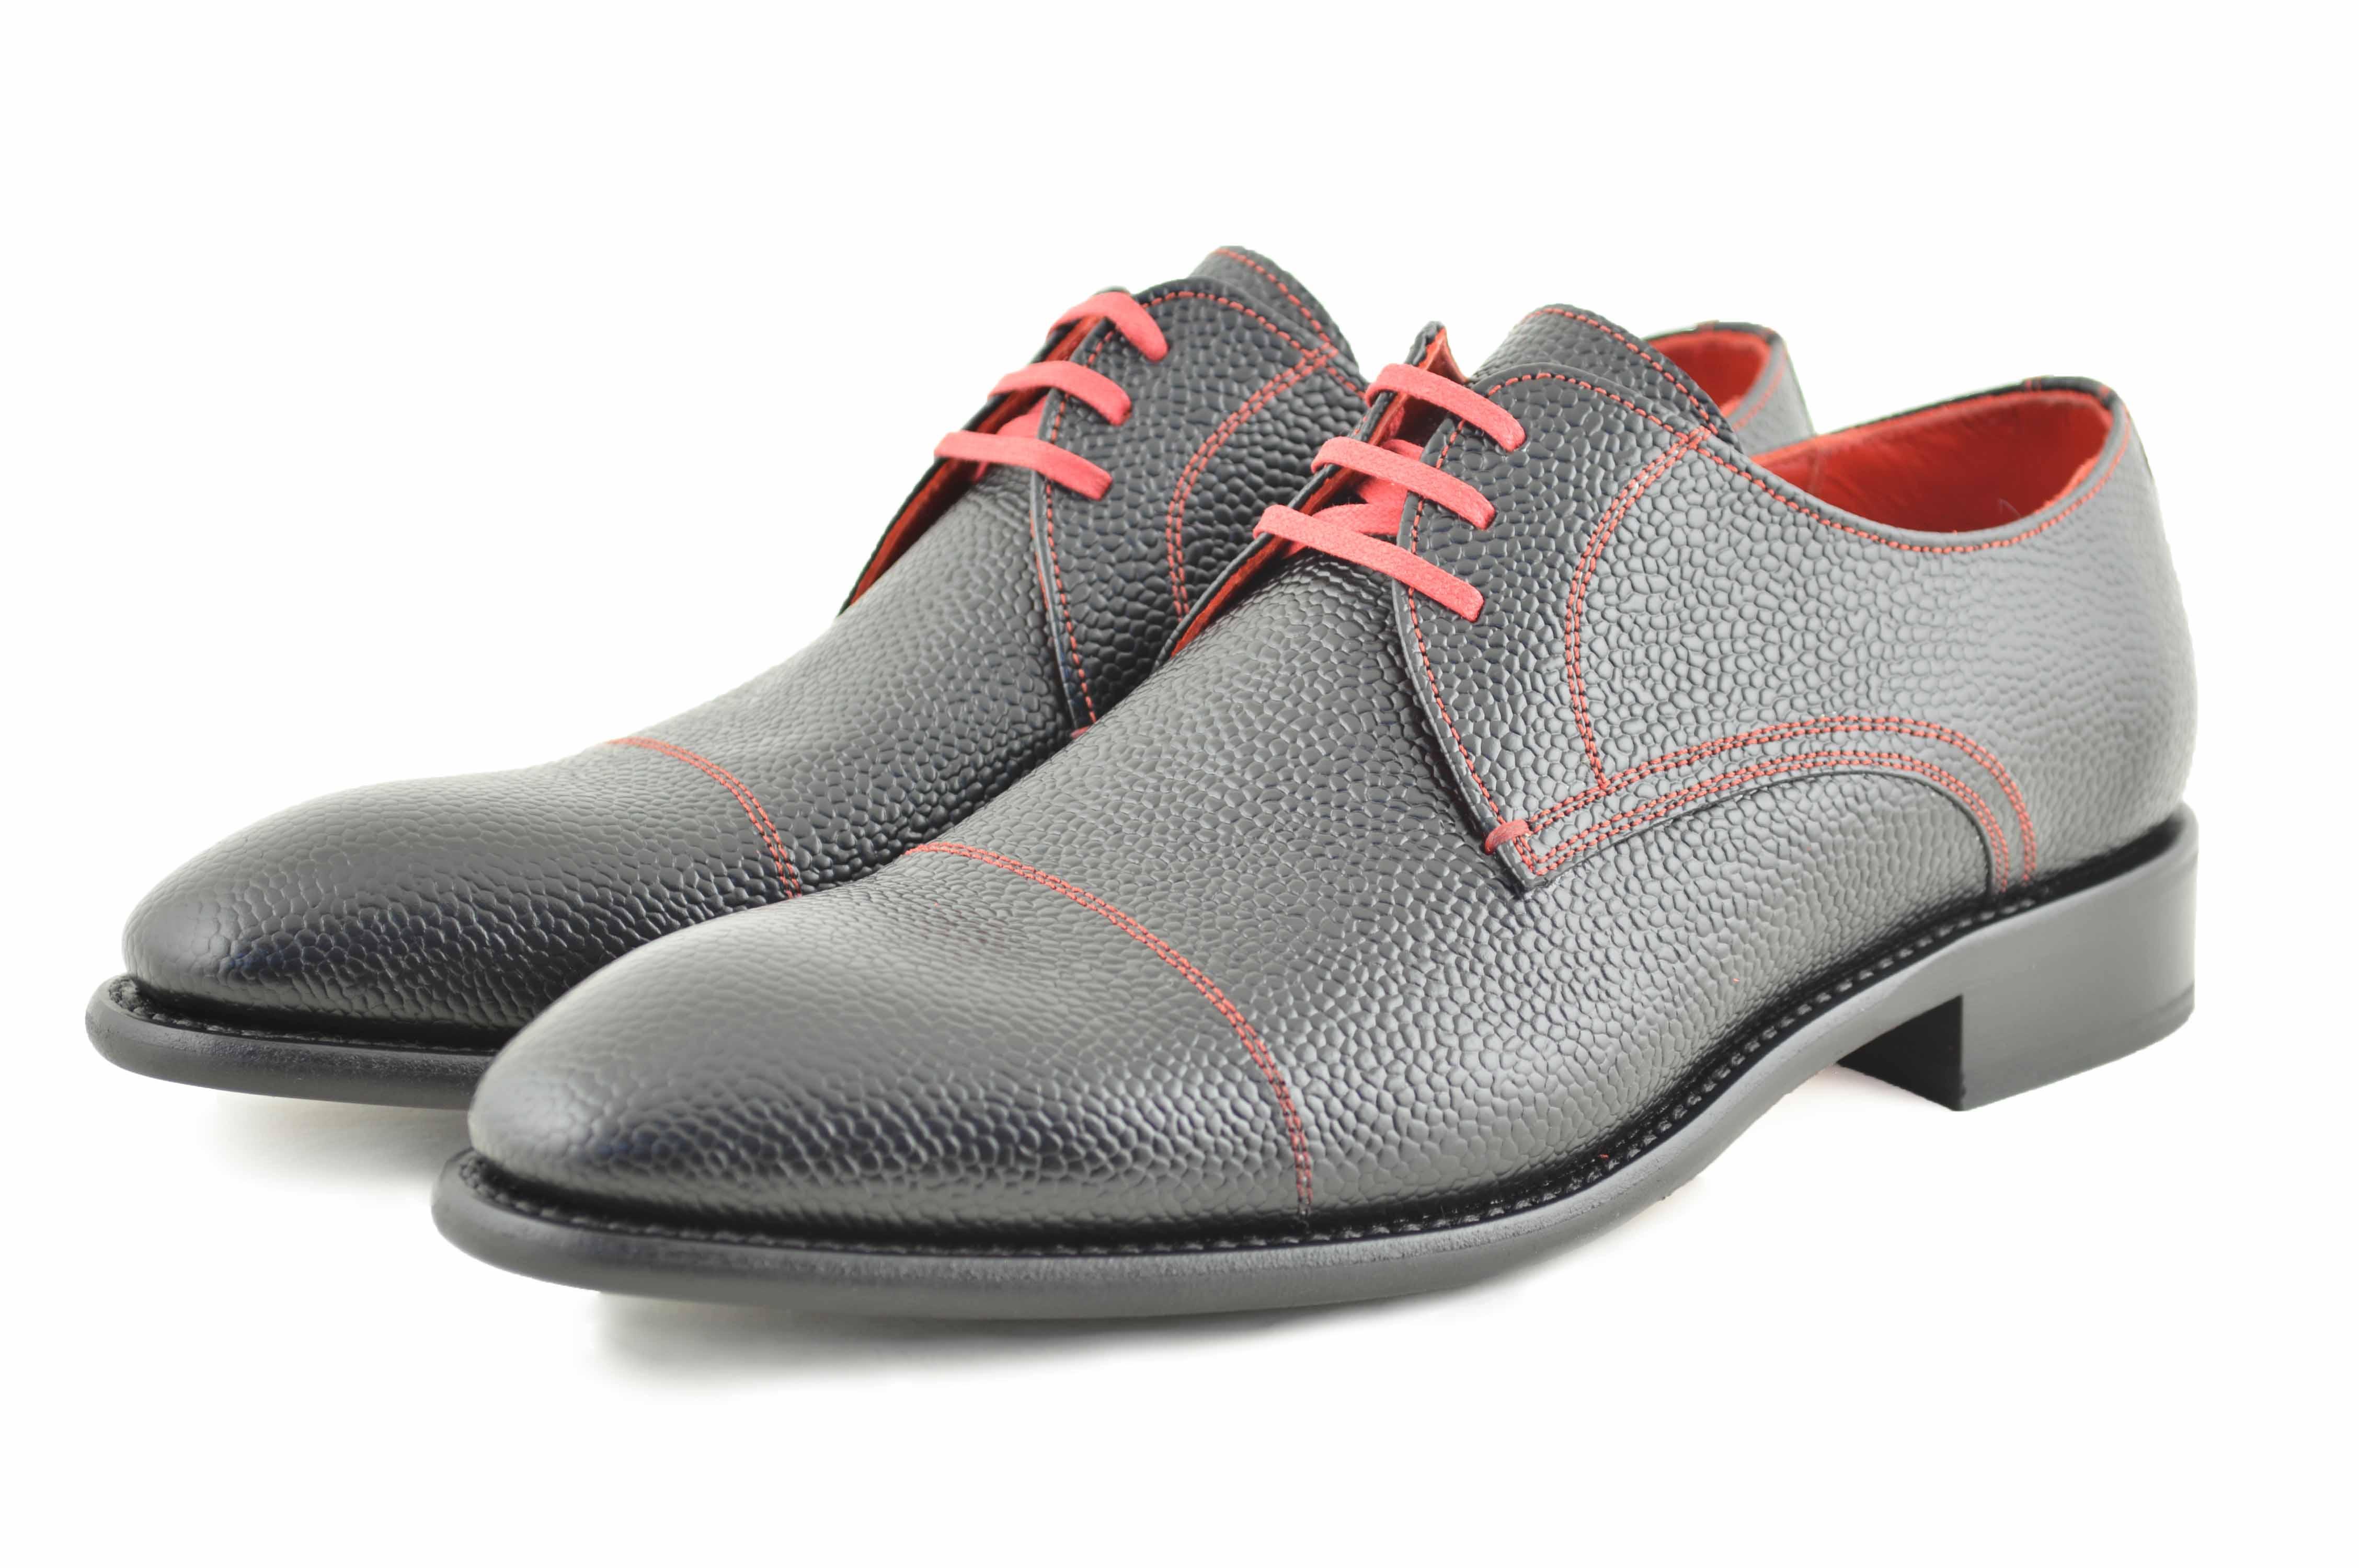 Calzado Tipo El Tipo Blucher De El El Calzado De Blucher USzMVp